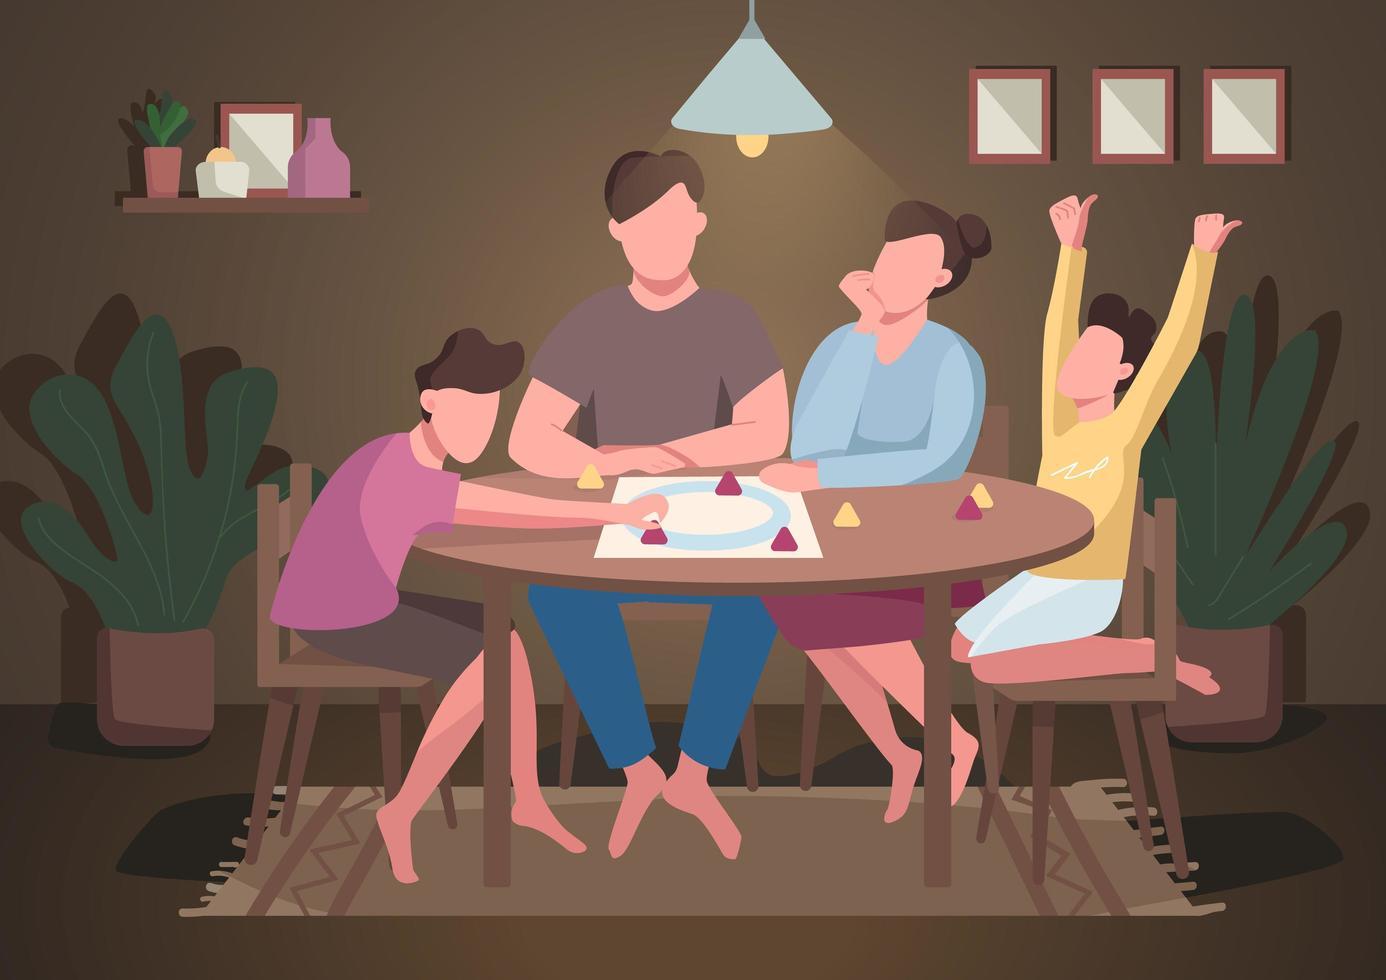 jeu de société en famille vecteur